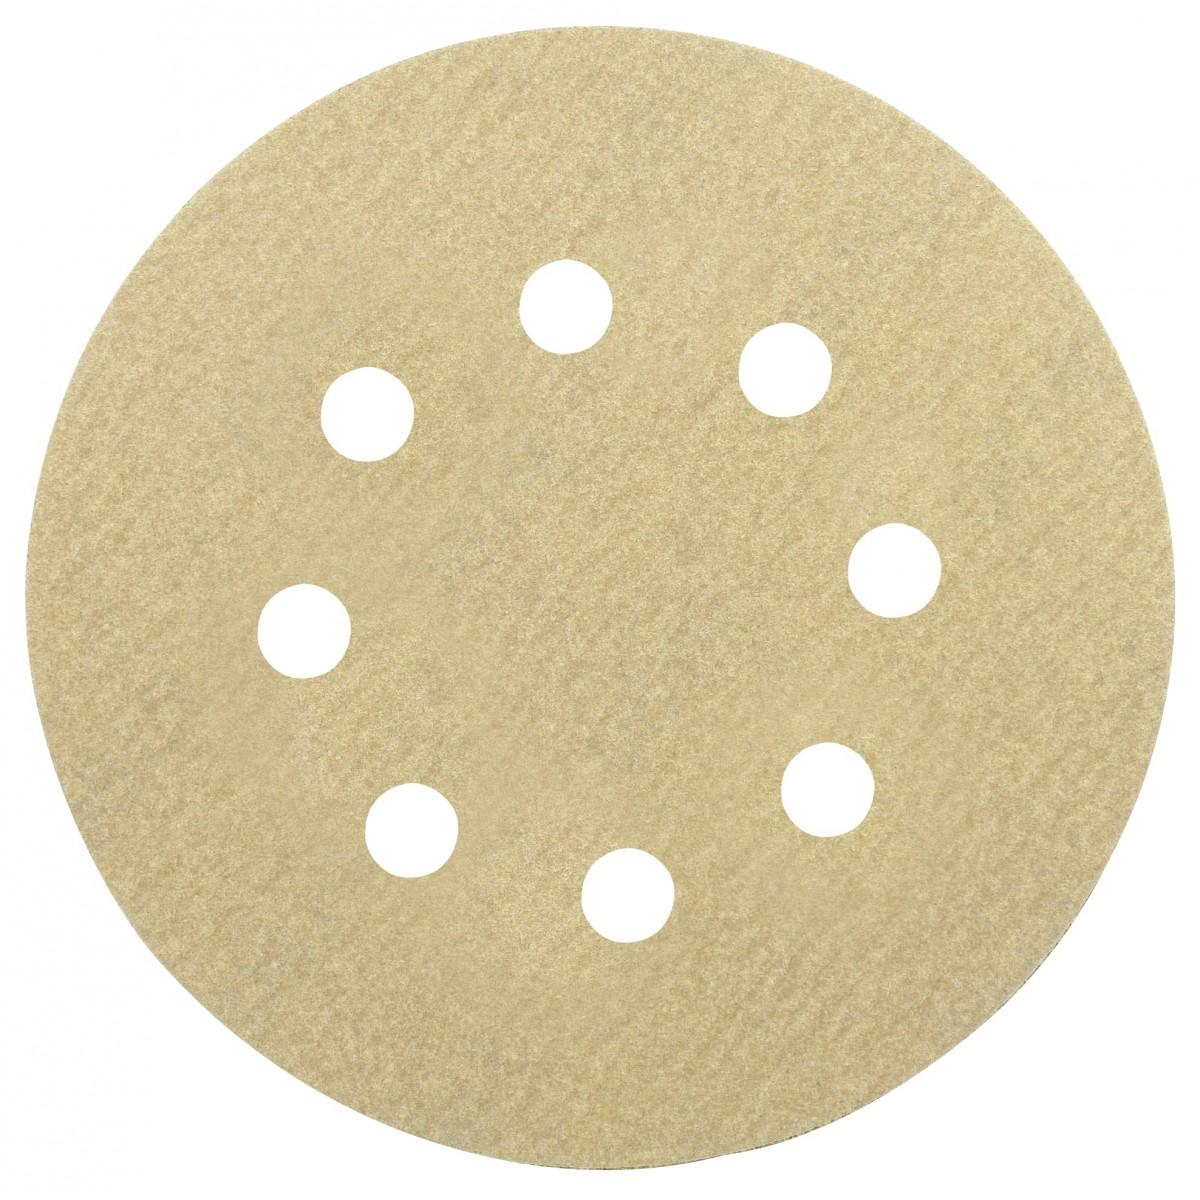 Disque abrasif auto-agrippant SCID - 8 trous - Grain 40 - Diamètre 125 mm - Vendu par 5